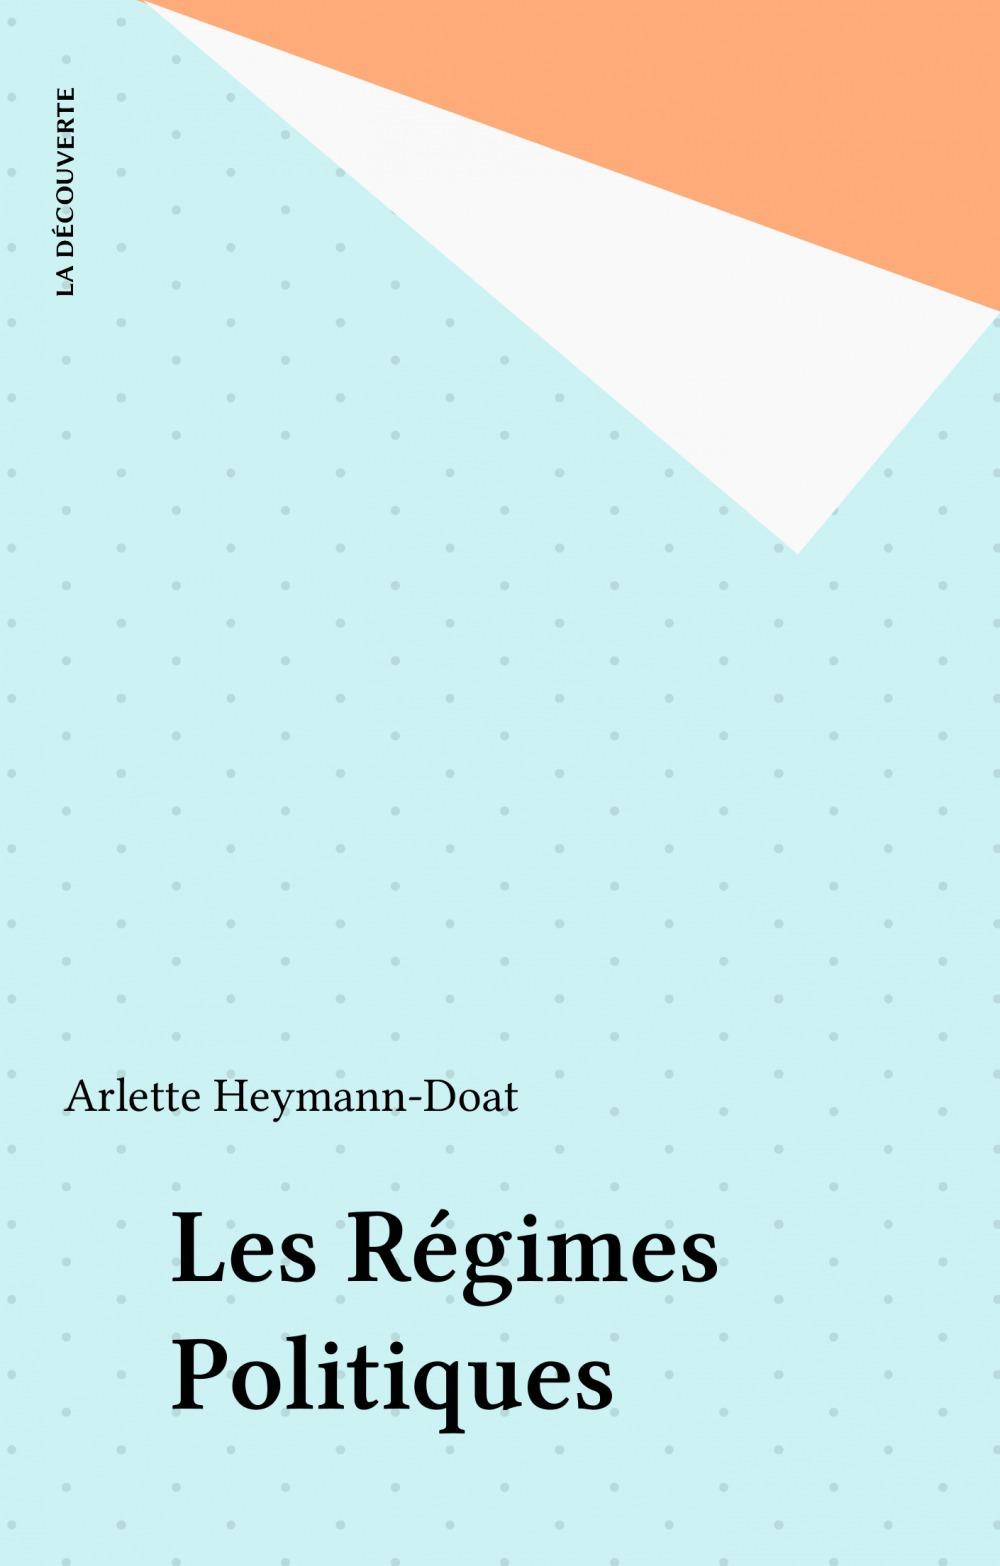 Les regimes politiques